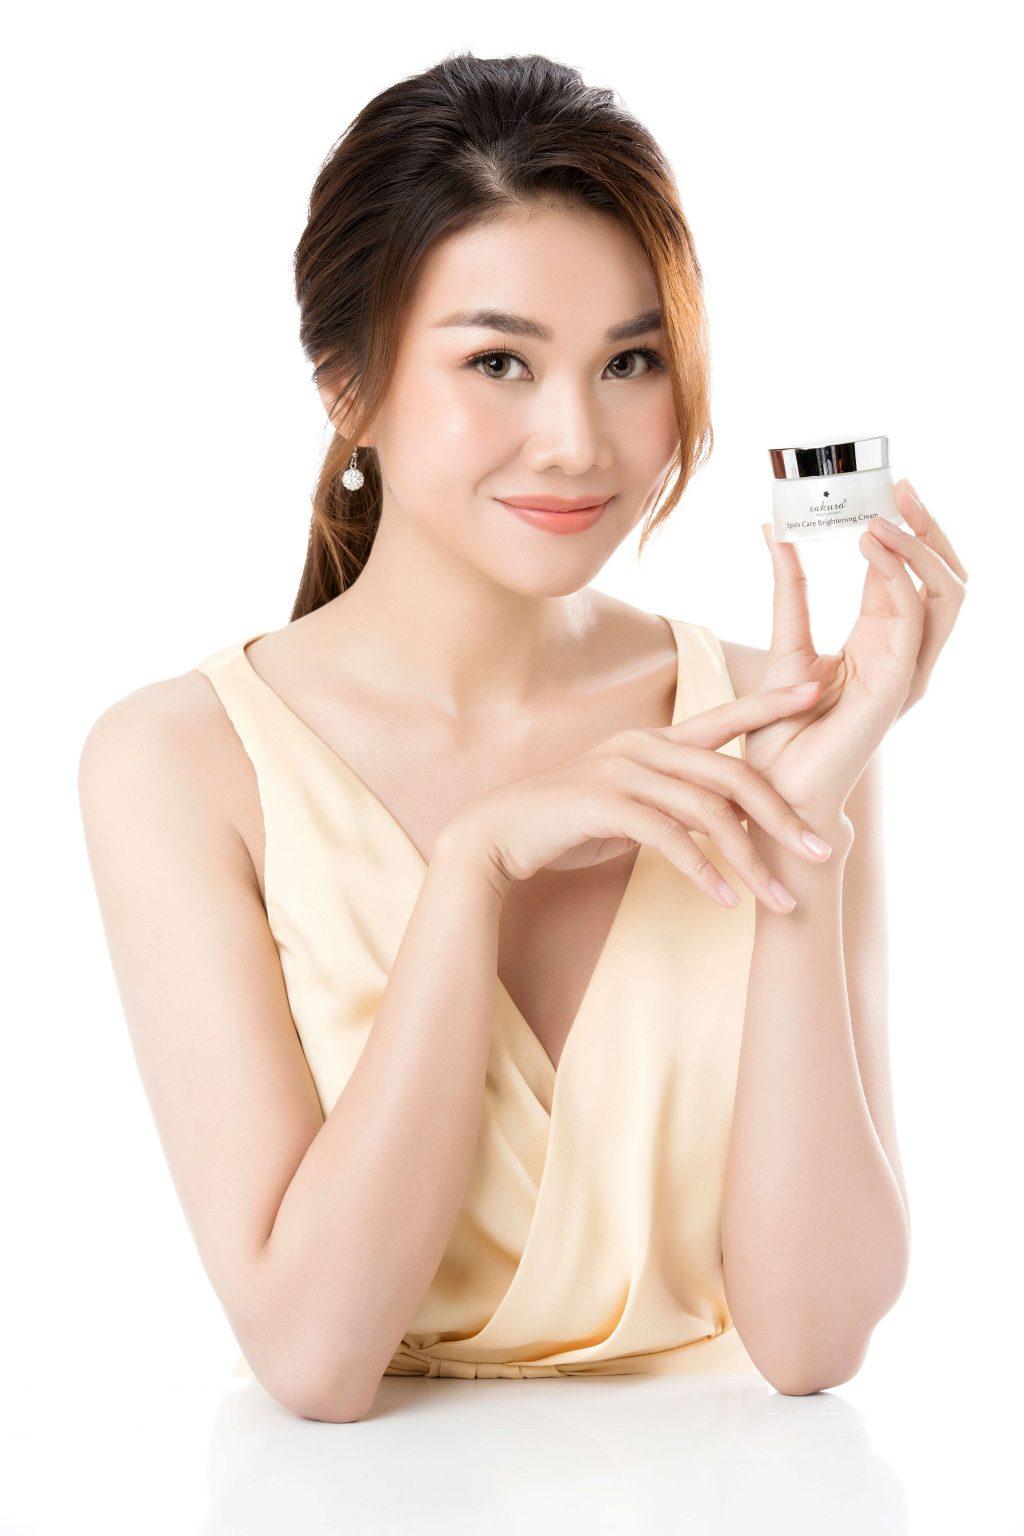 siêu mẫu Thanh Hằng trở thành đại diện thương hiệu Sakura